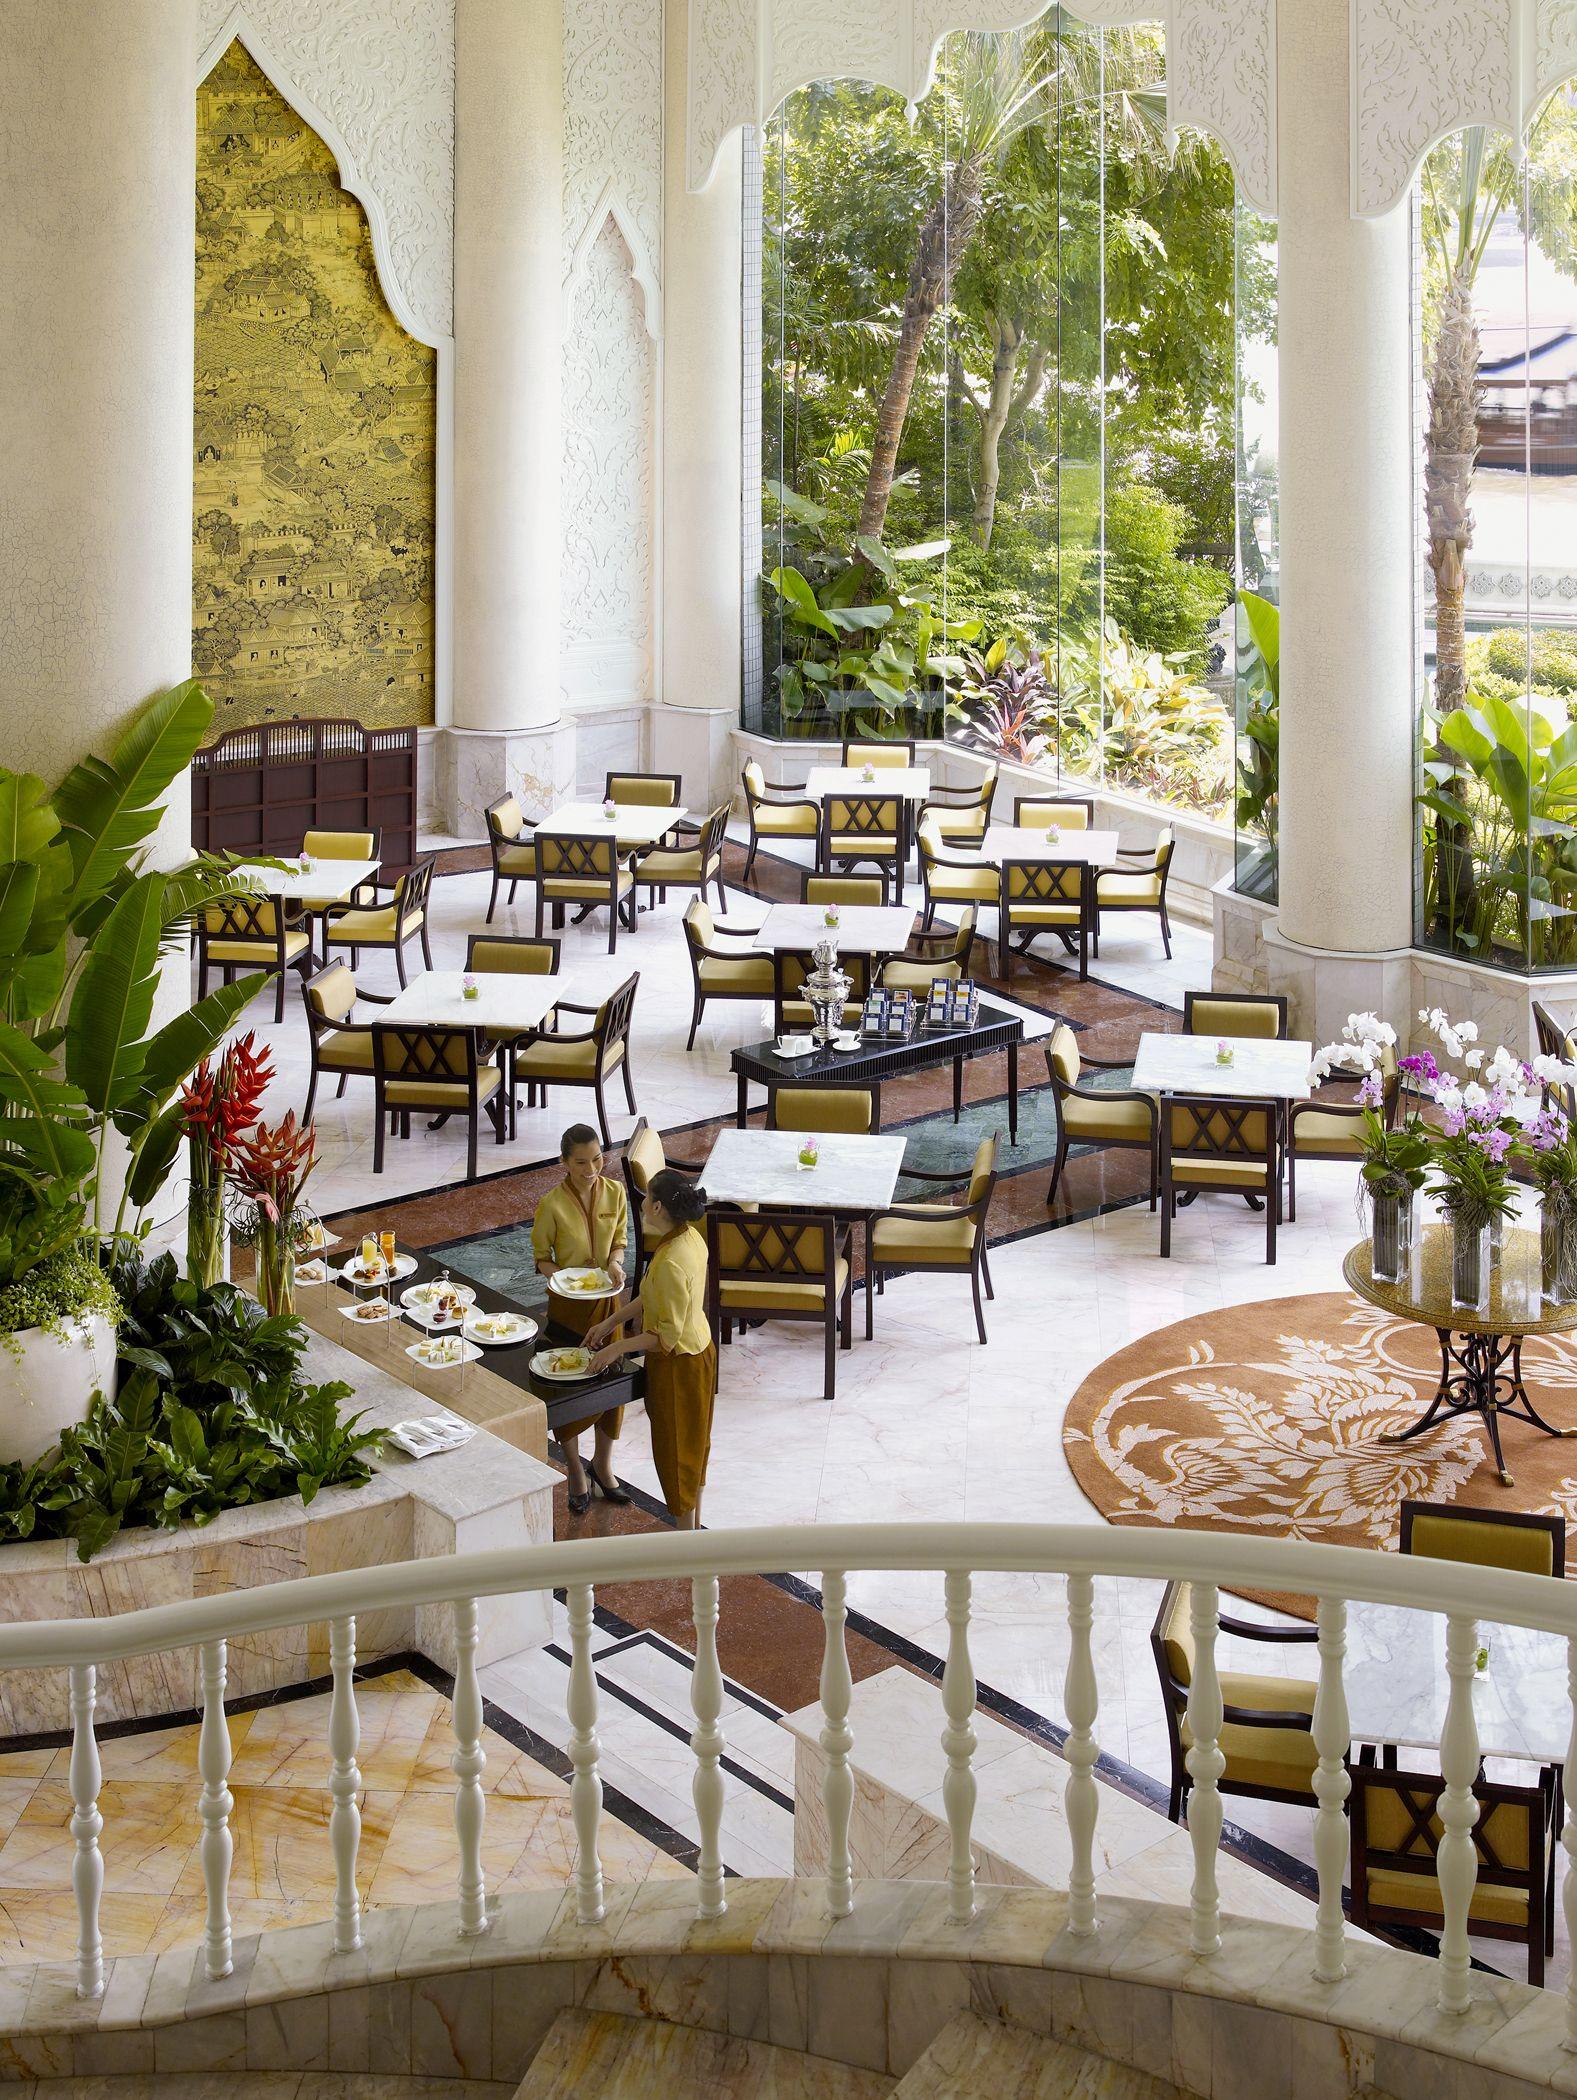 Shangri la hotel bangkok krungthep wing riverside lounge